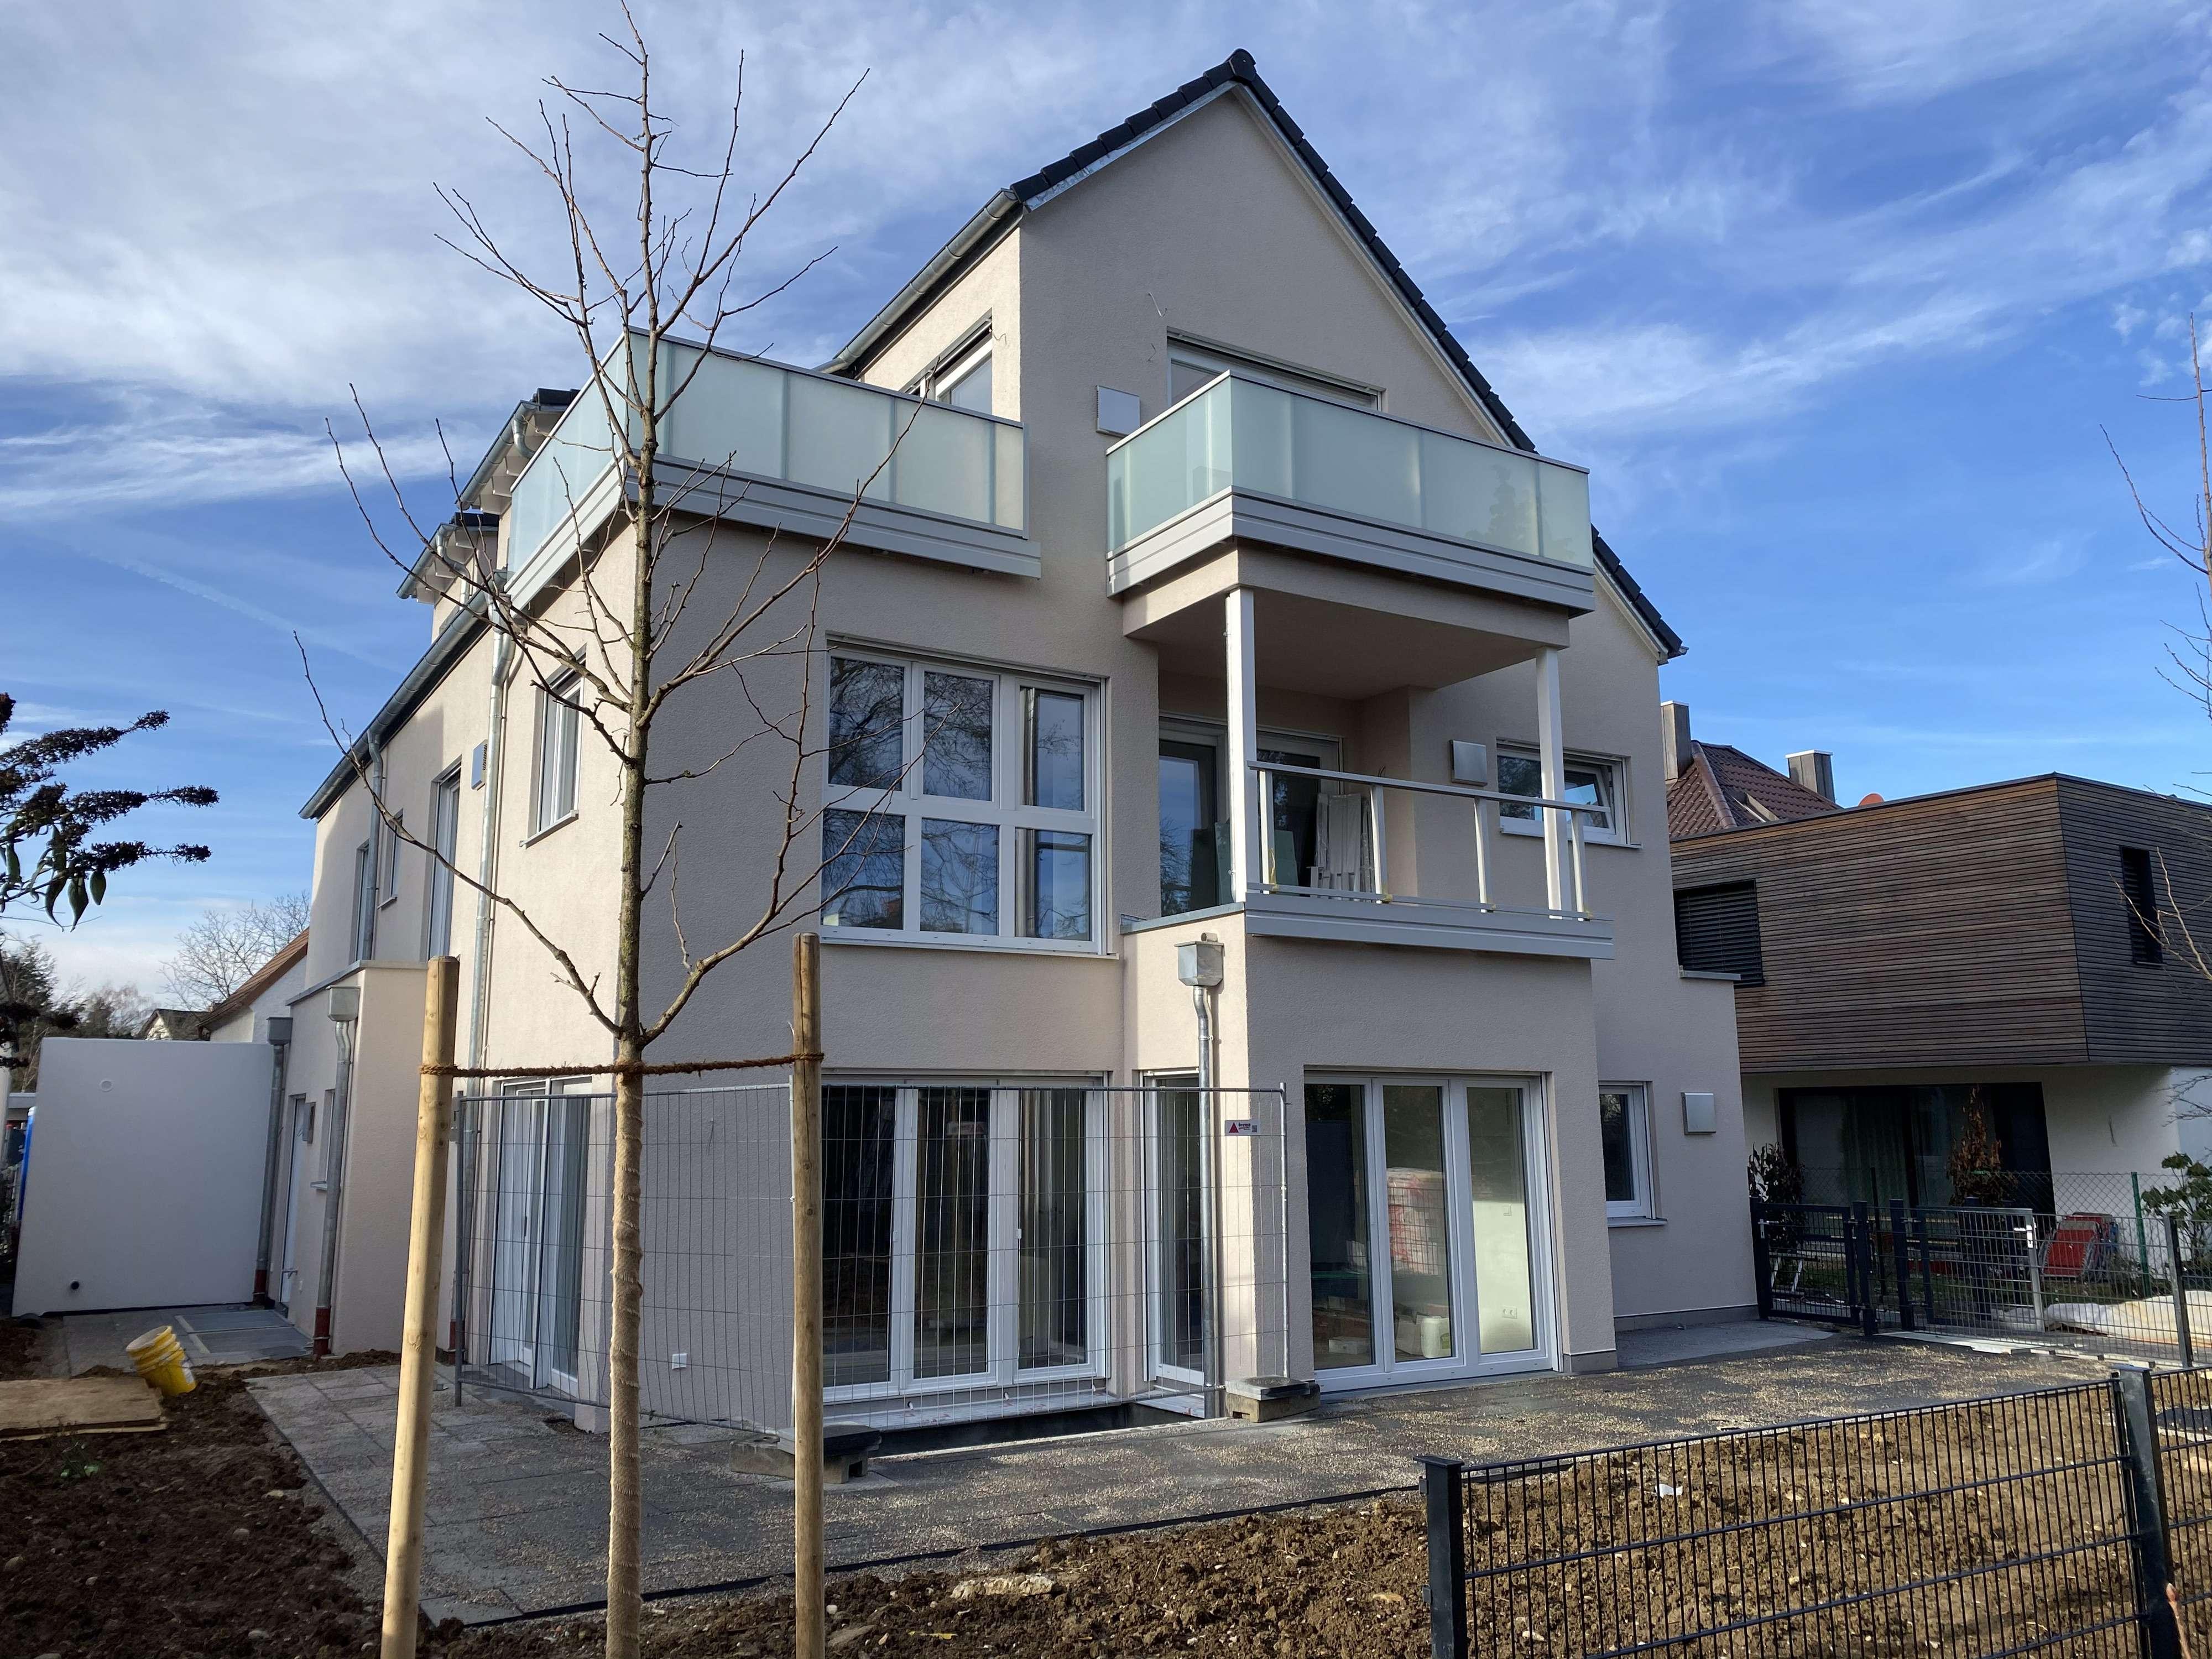 Helle luxuriös ausgestattete Etagenwohnung in ruhiger Einfamilienhausgegend im Münchener Westen in Aubing (München)